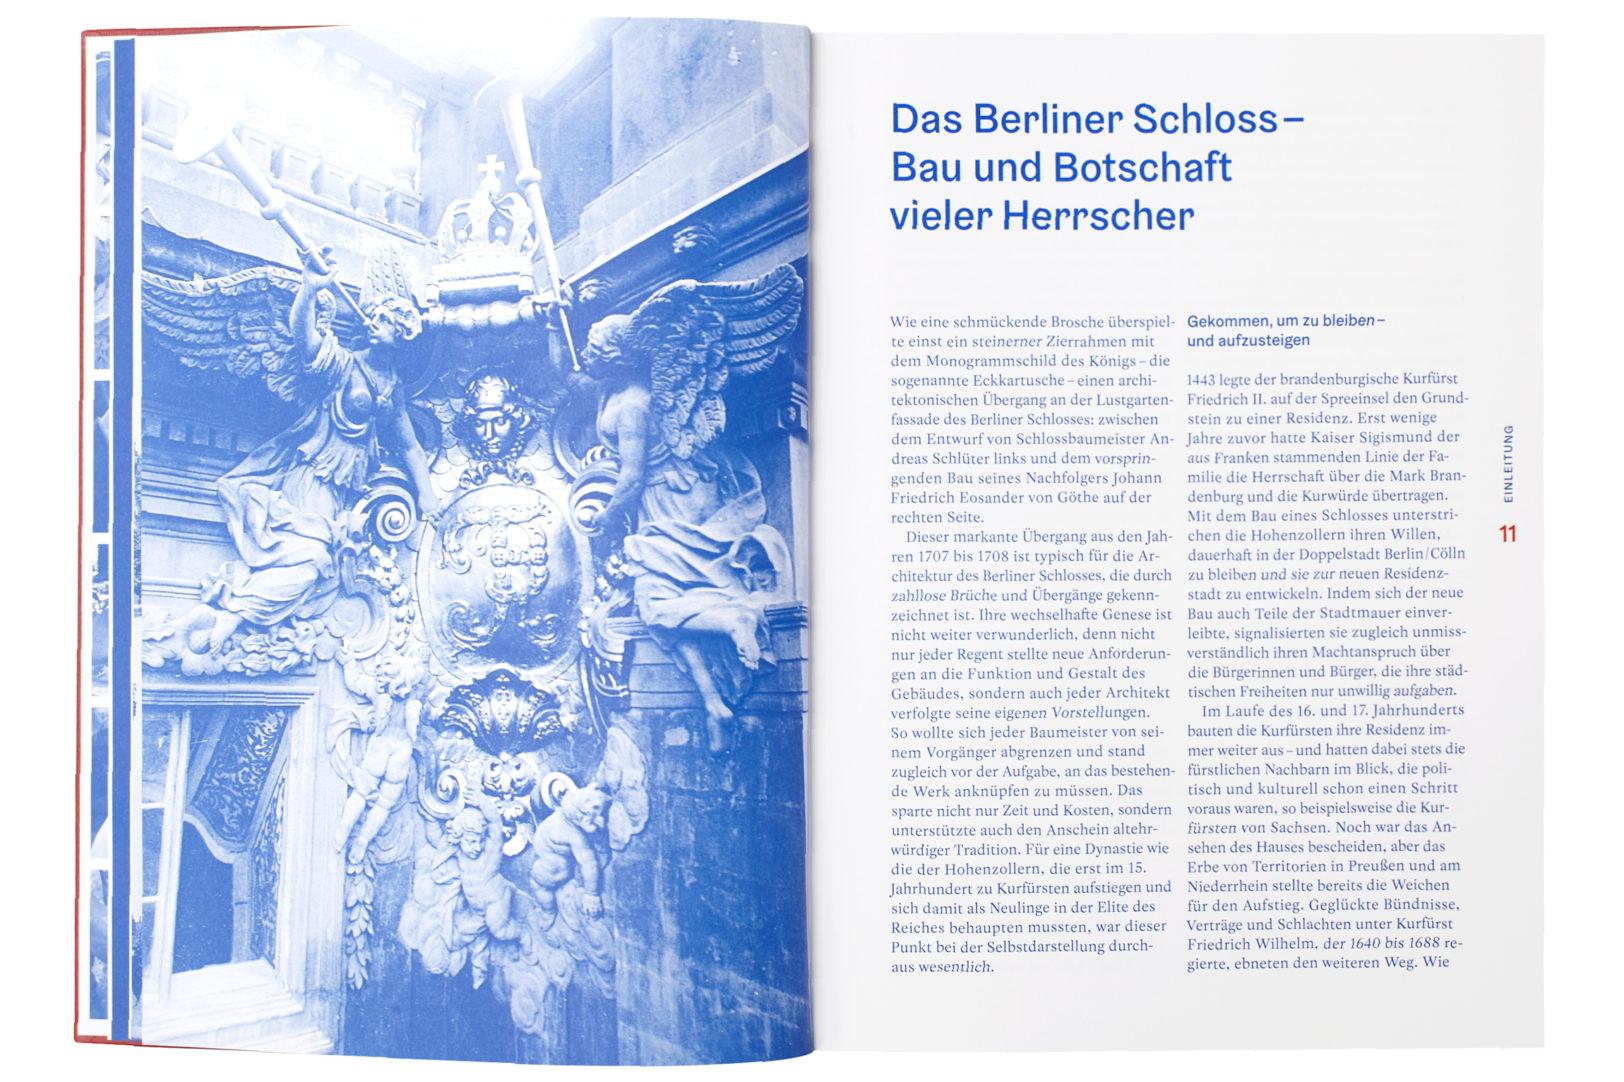 http://e-o-t.de/wordpress/wp-content/uploads/2018/07/eot-2017-Barock-Book-120.jpg